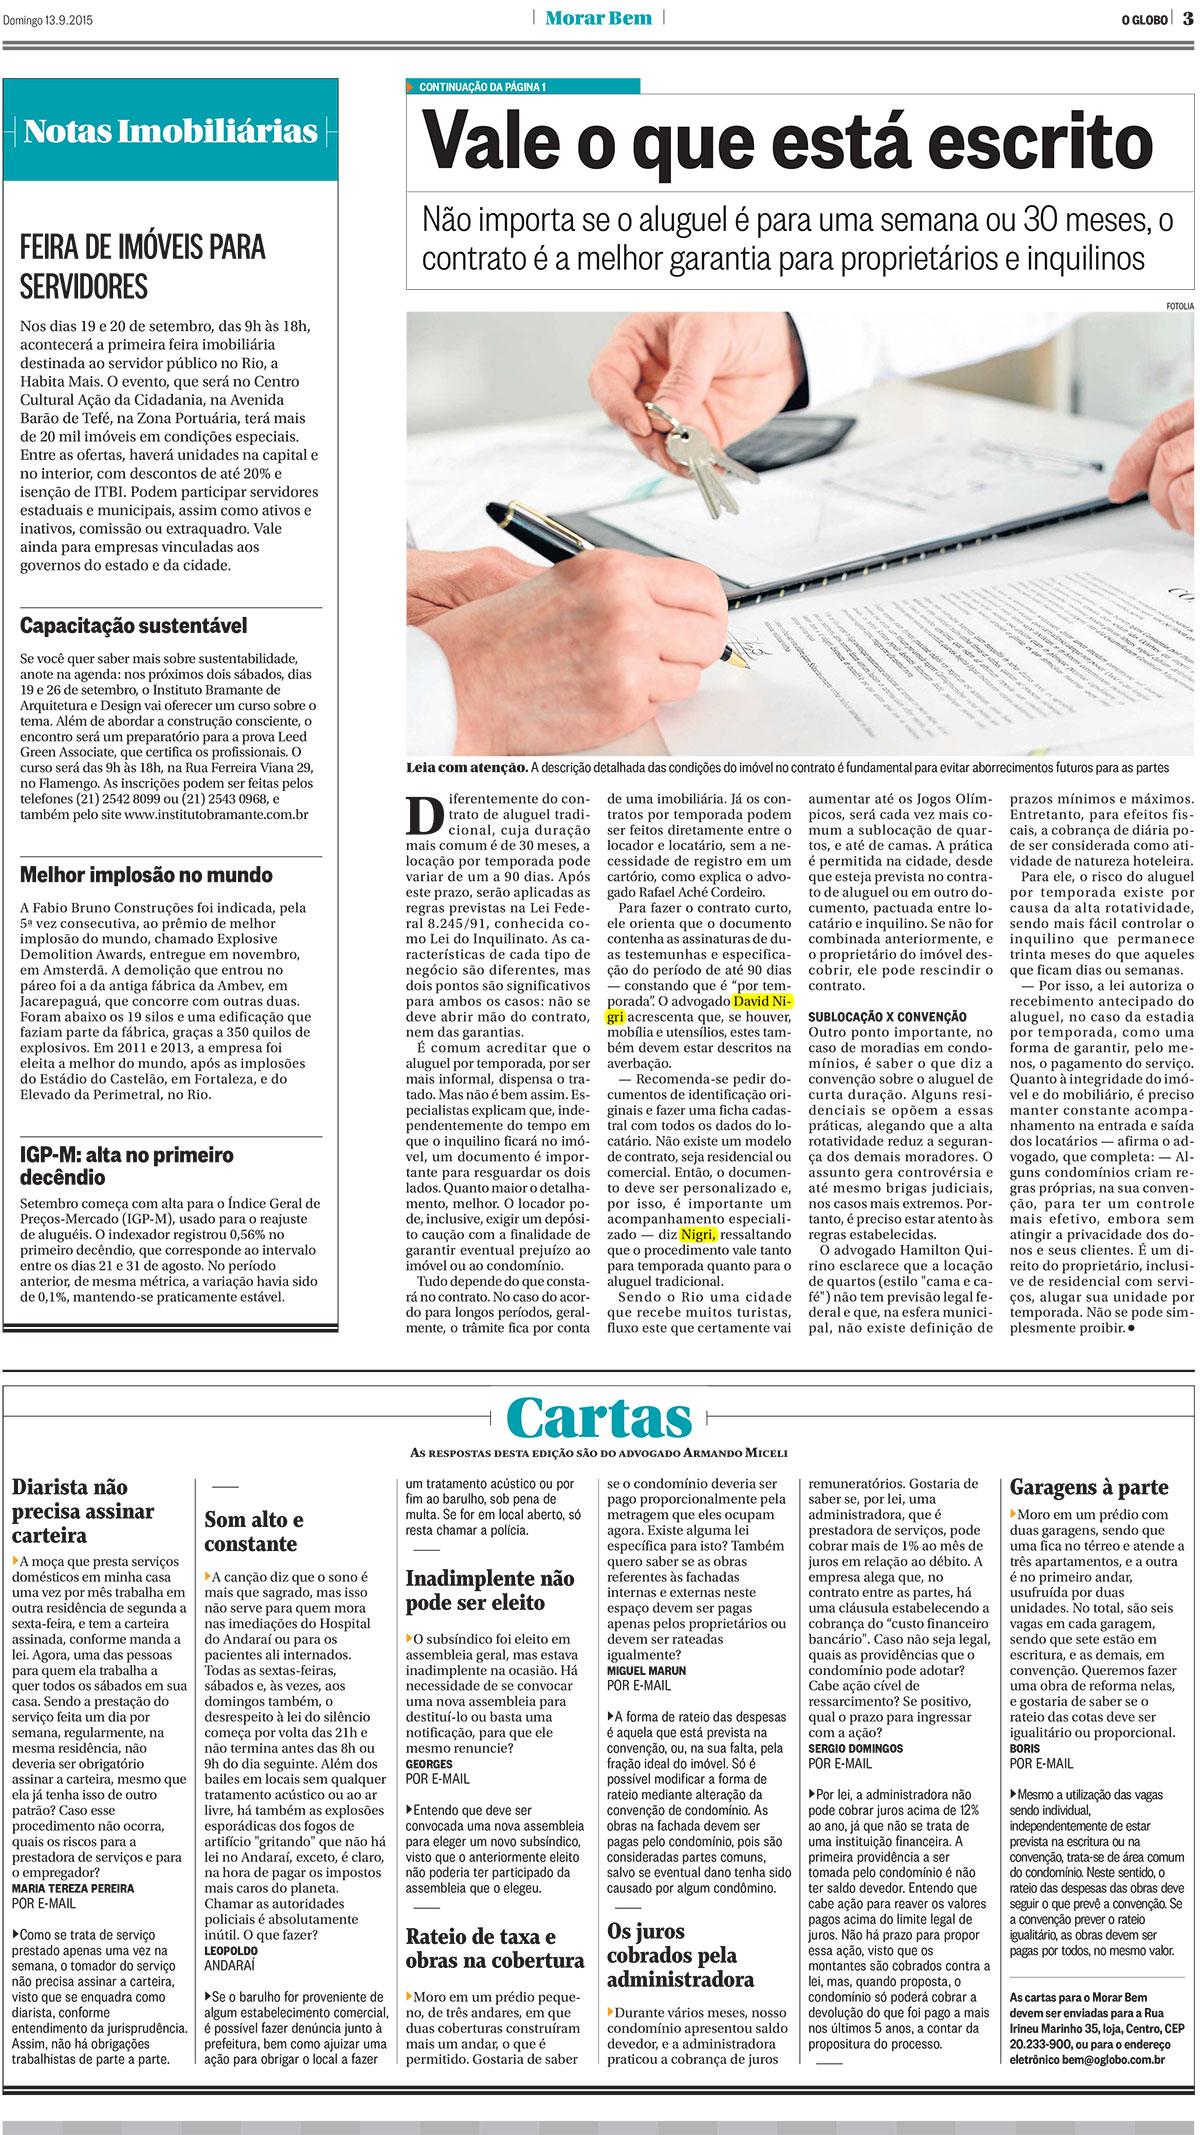 O_Globo_Morar_Bem_contrato